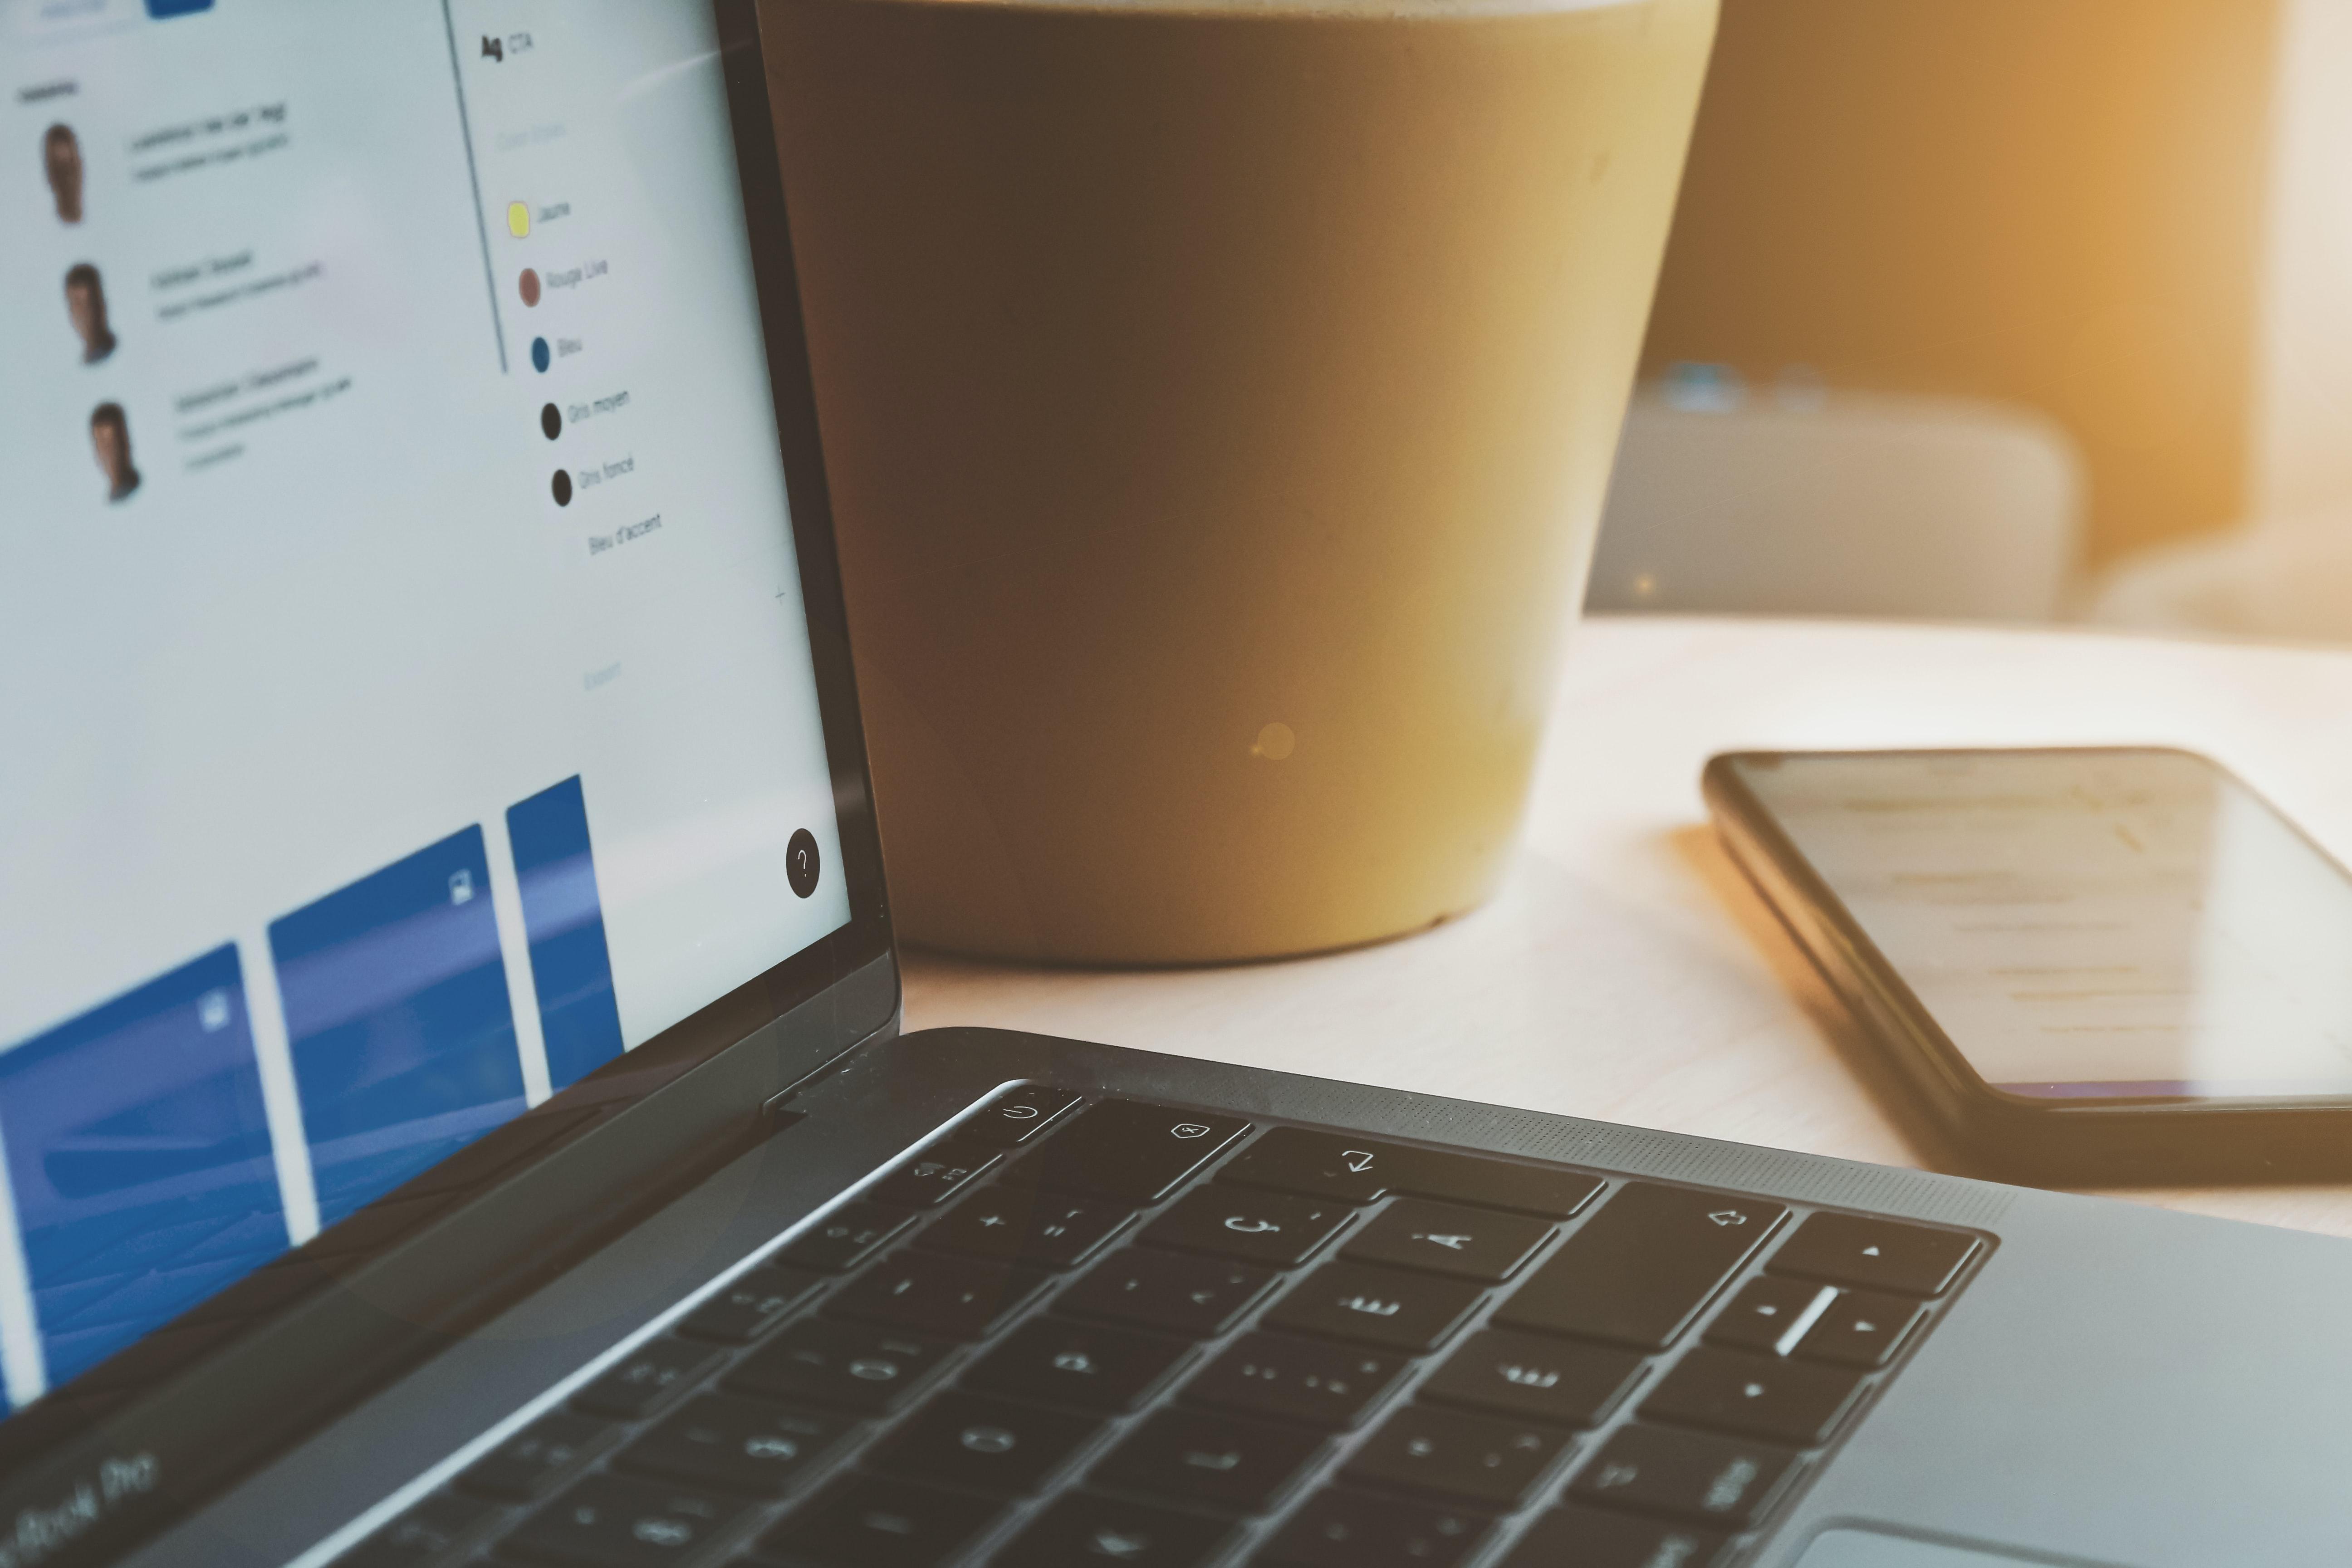 No Code website seen on a laptop